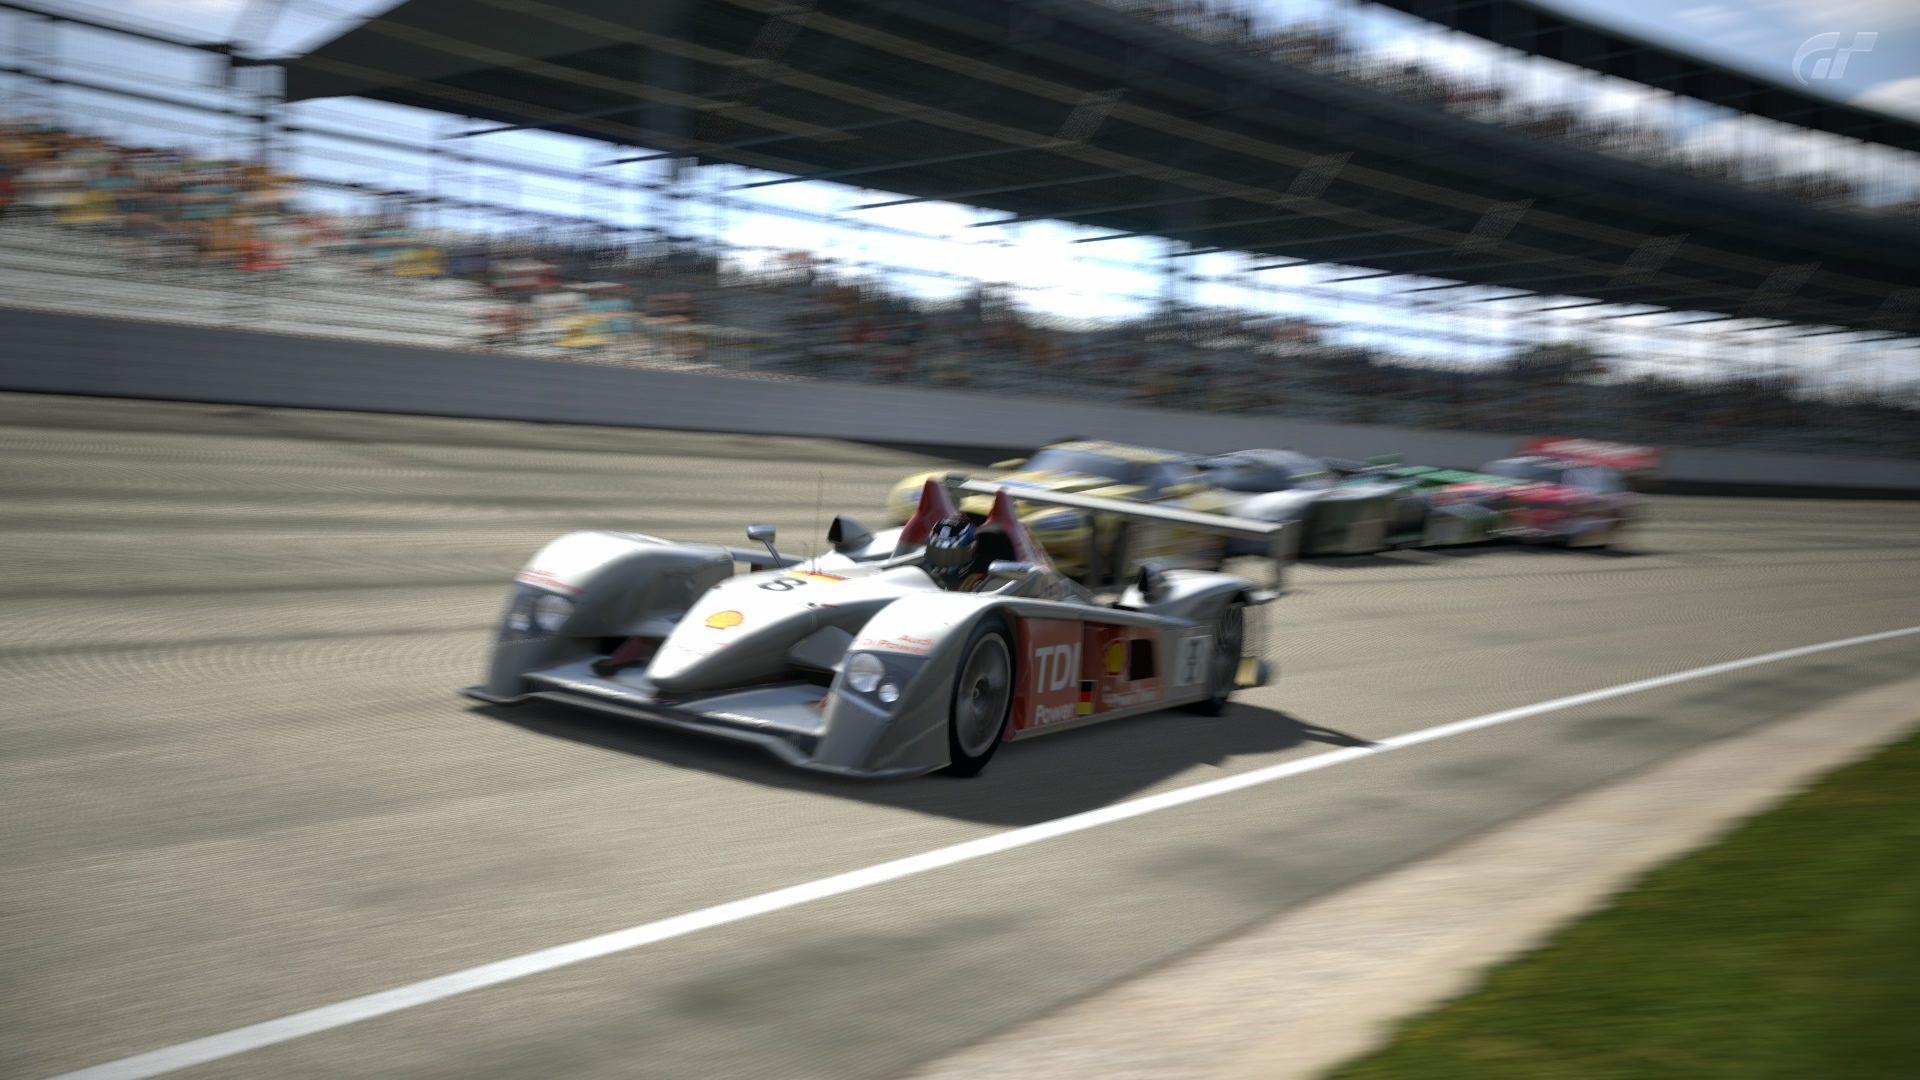 Superspeedway - Indy.jpg